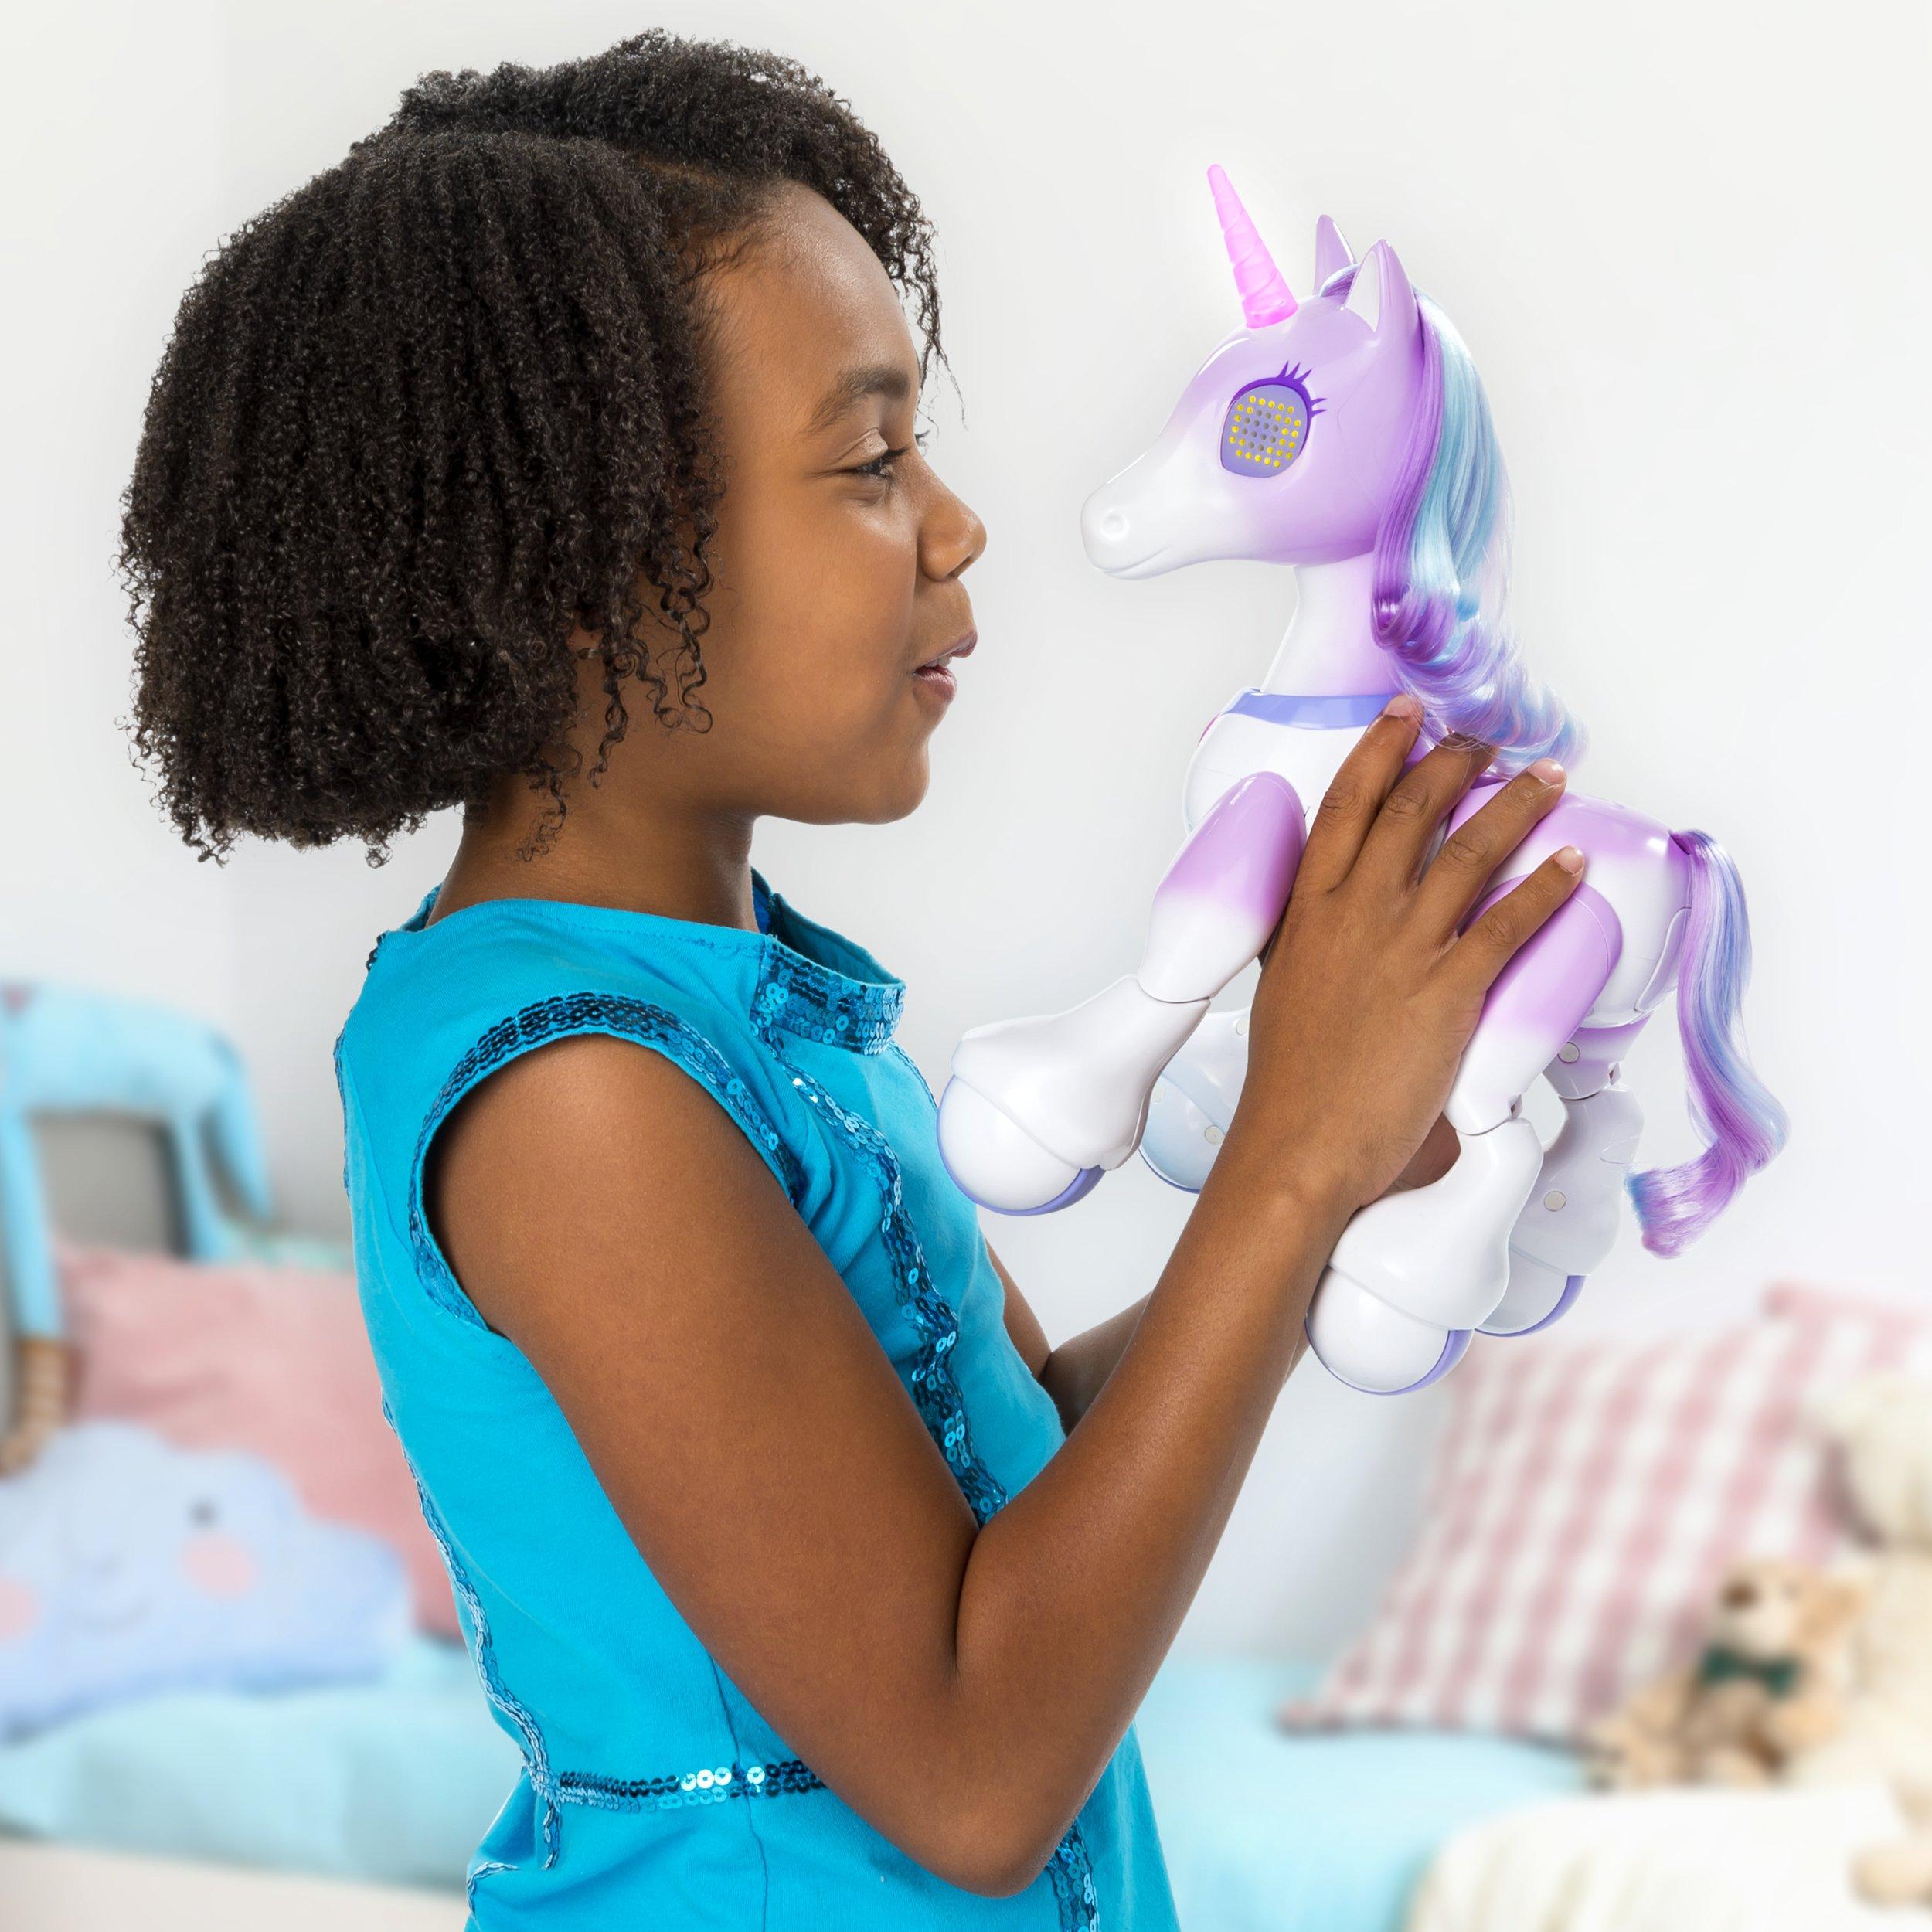 Zoomer 6040309 Enchanted Unicorn Toy by Zoomer (Image #2)